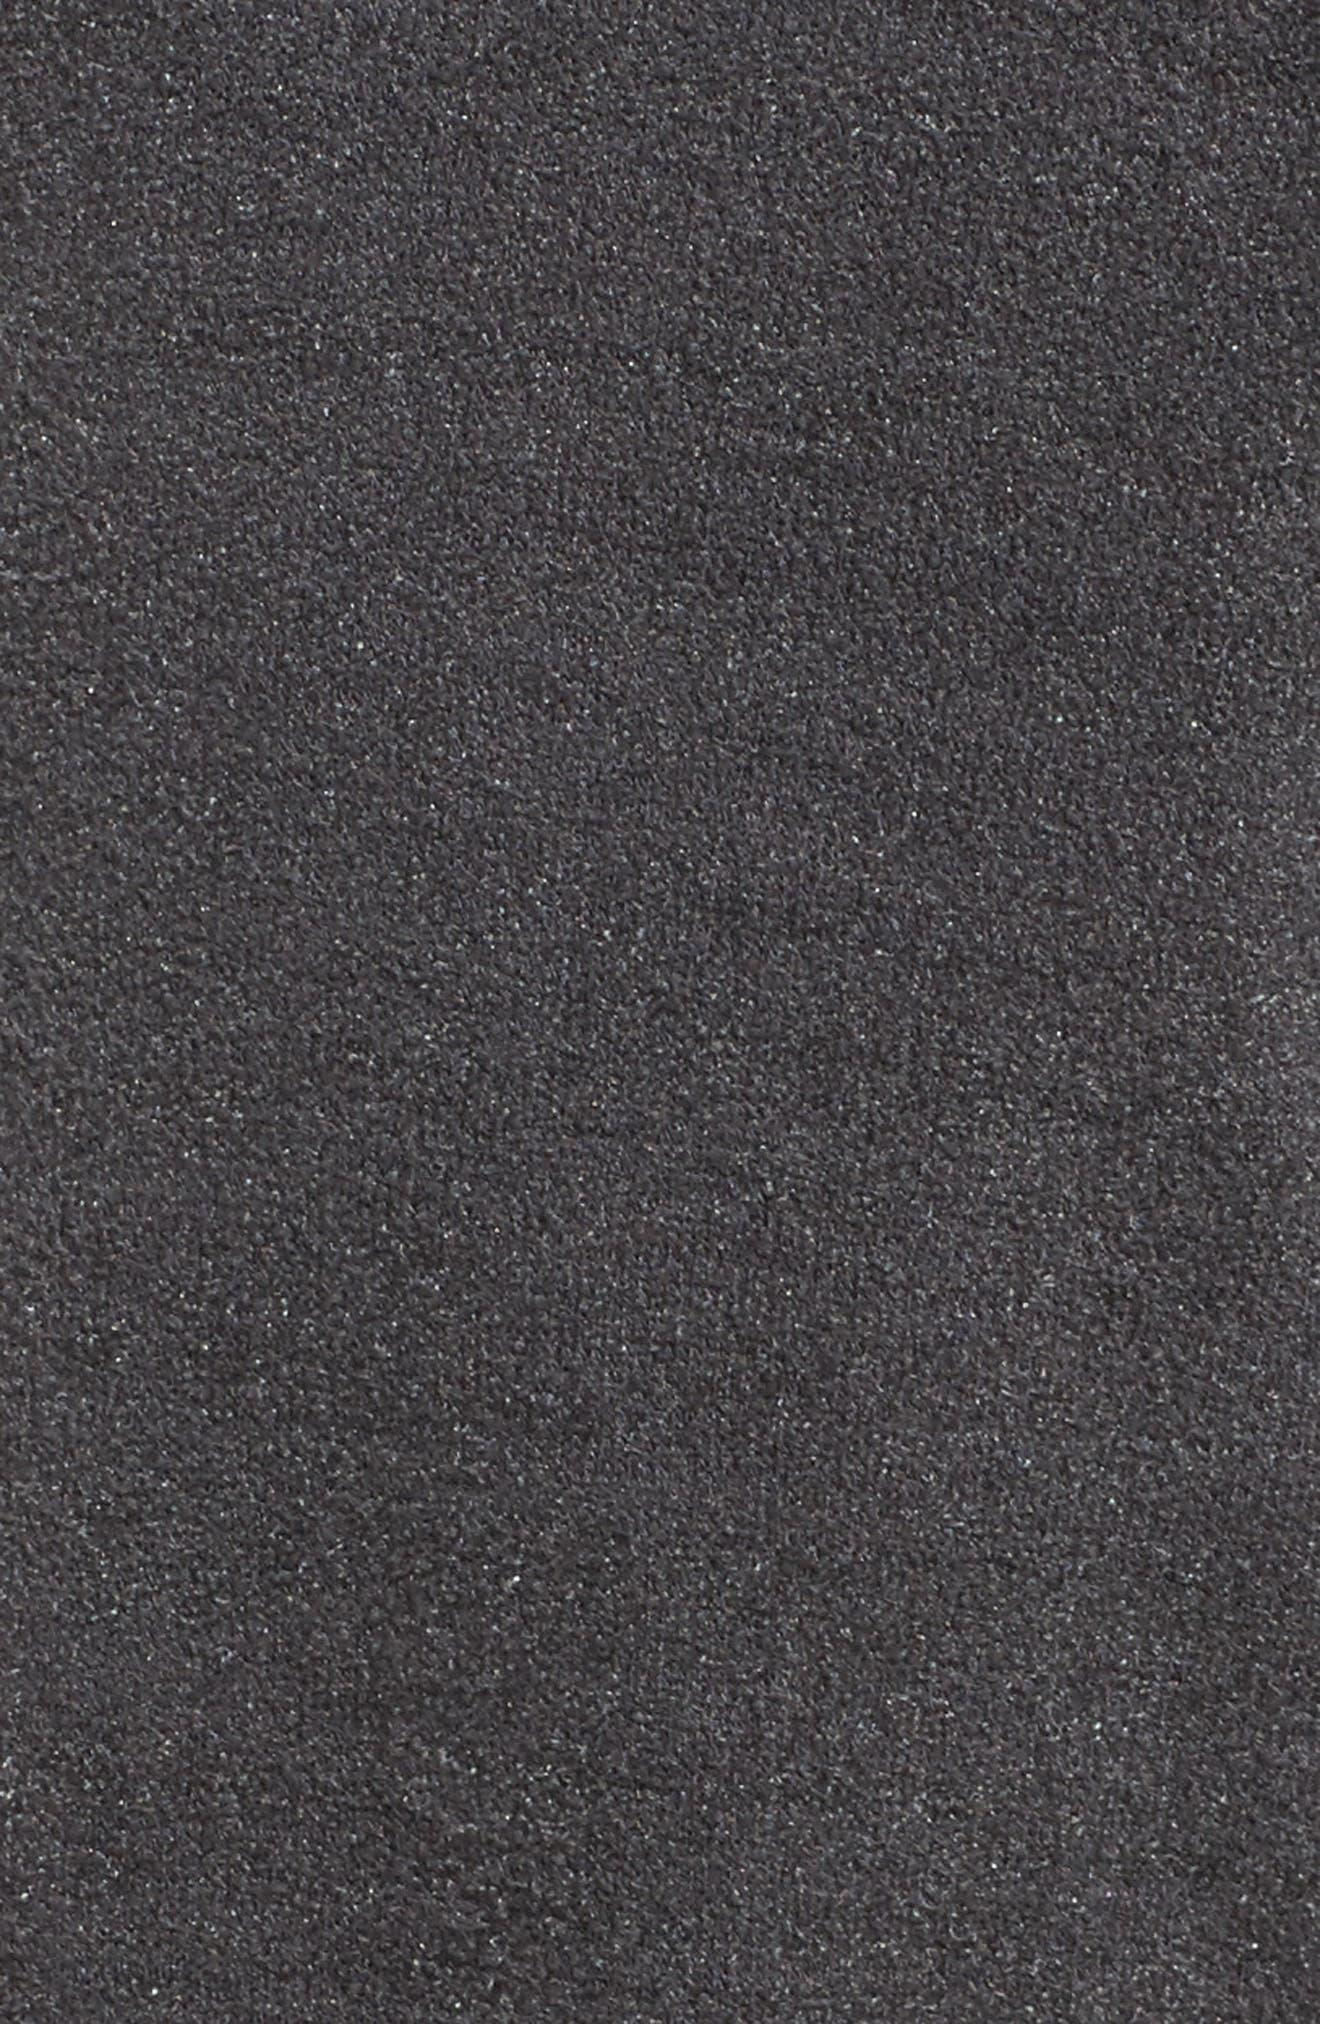 Cozychic Ultra Lite<sup>®</sup> Culotte Lounge Pants,                             Alternate thumbnail 5, color,                             CARBON